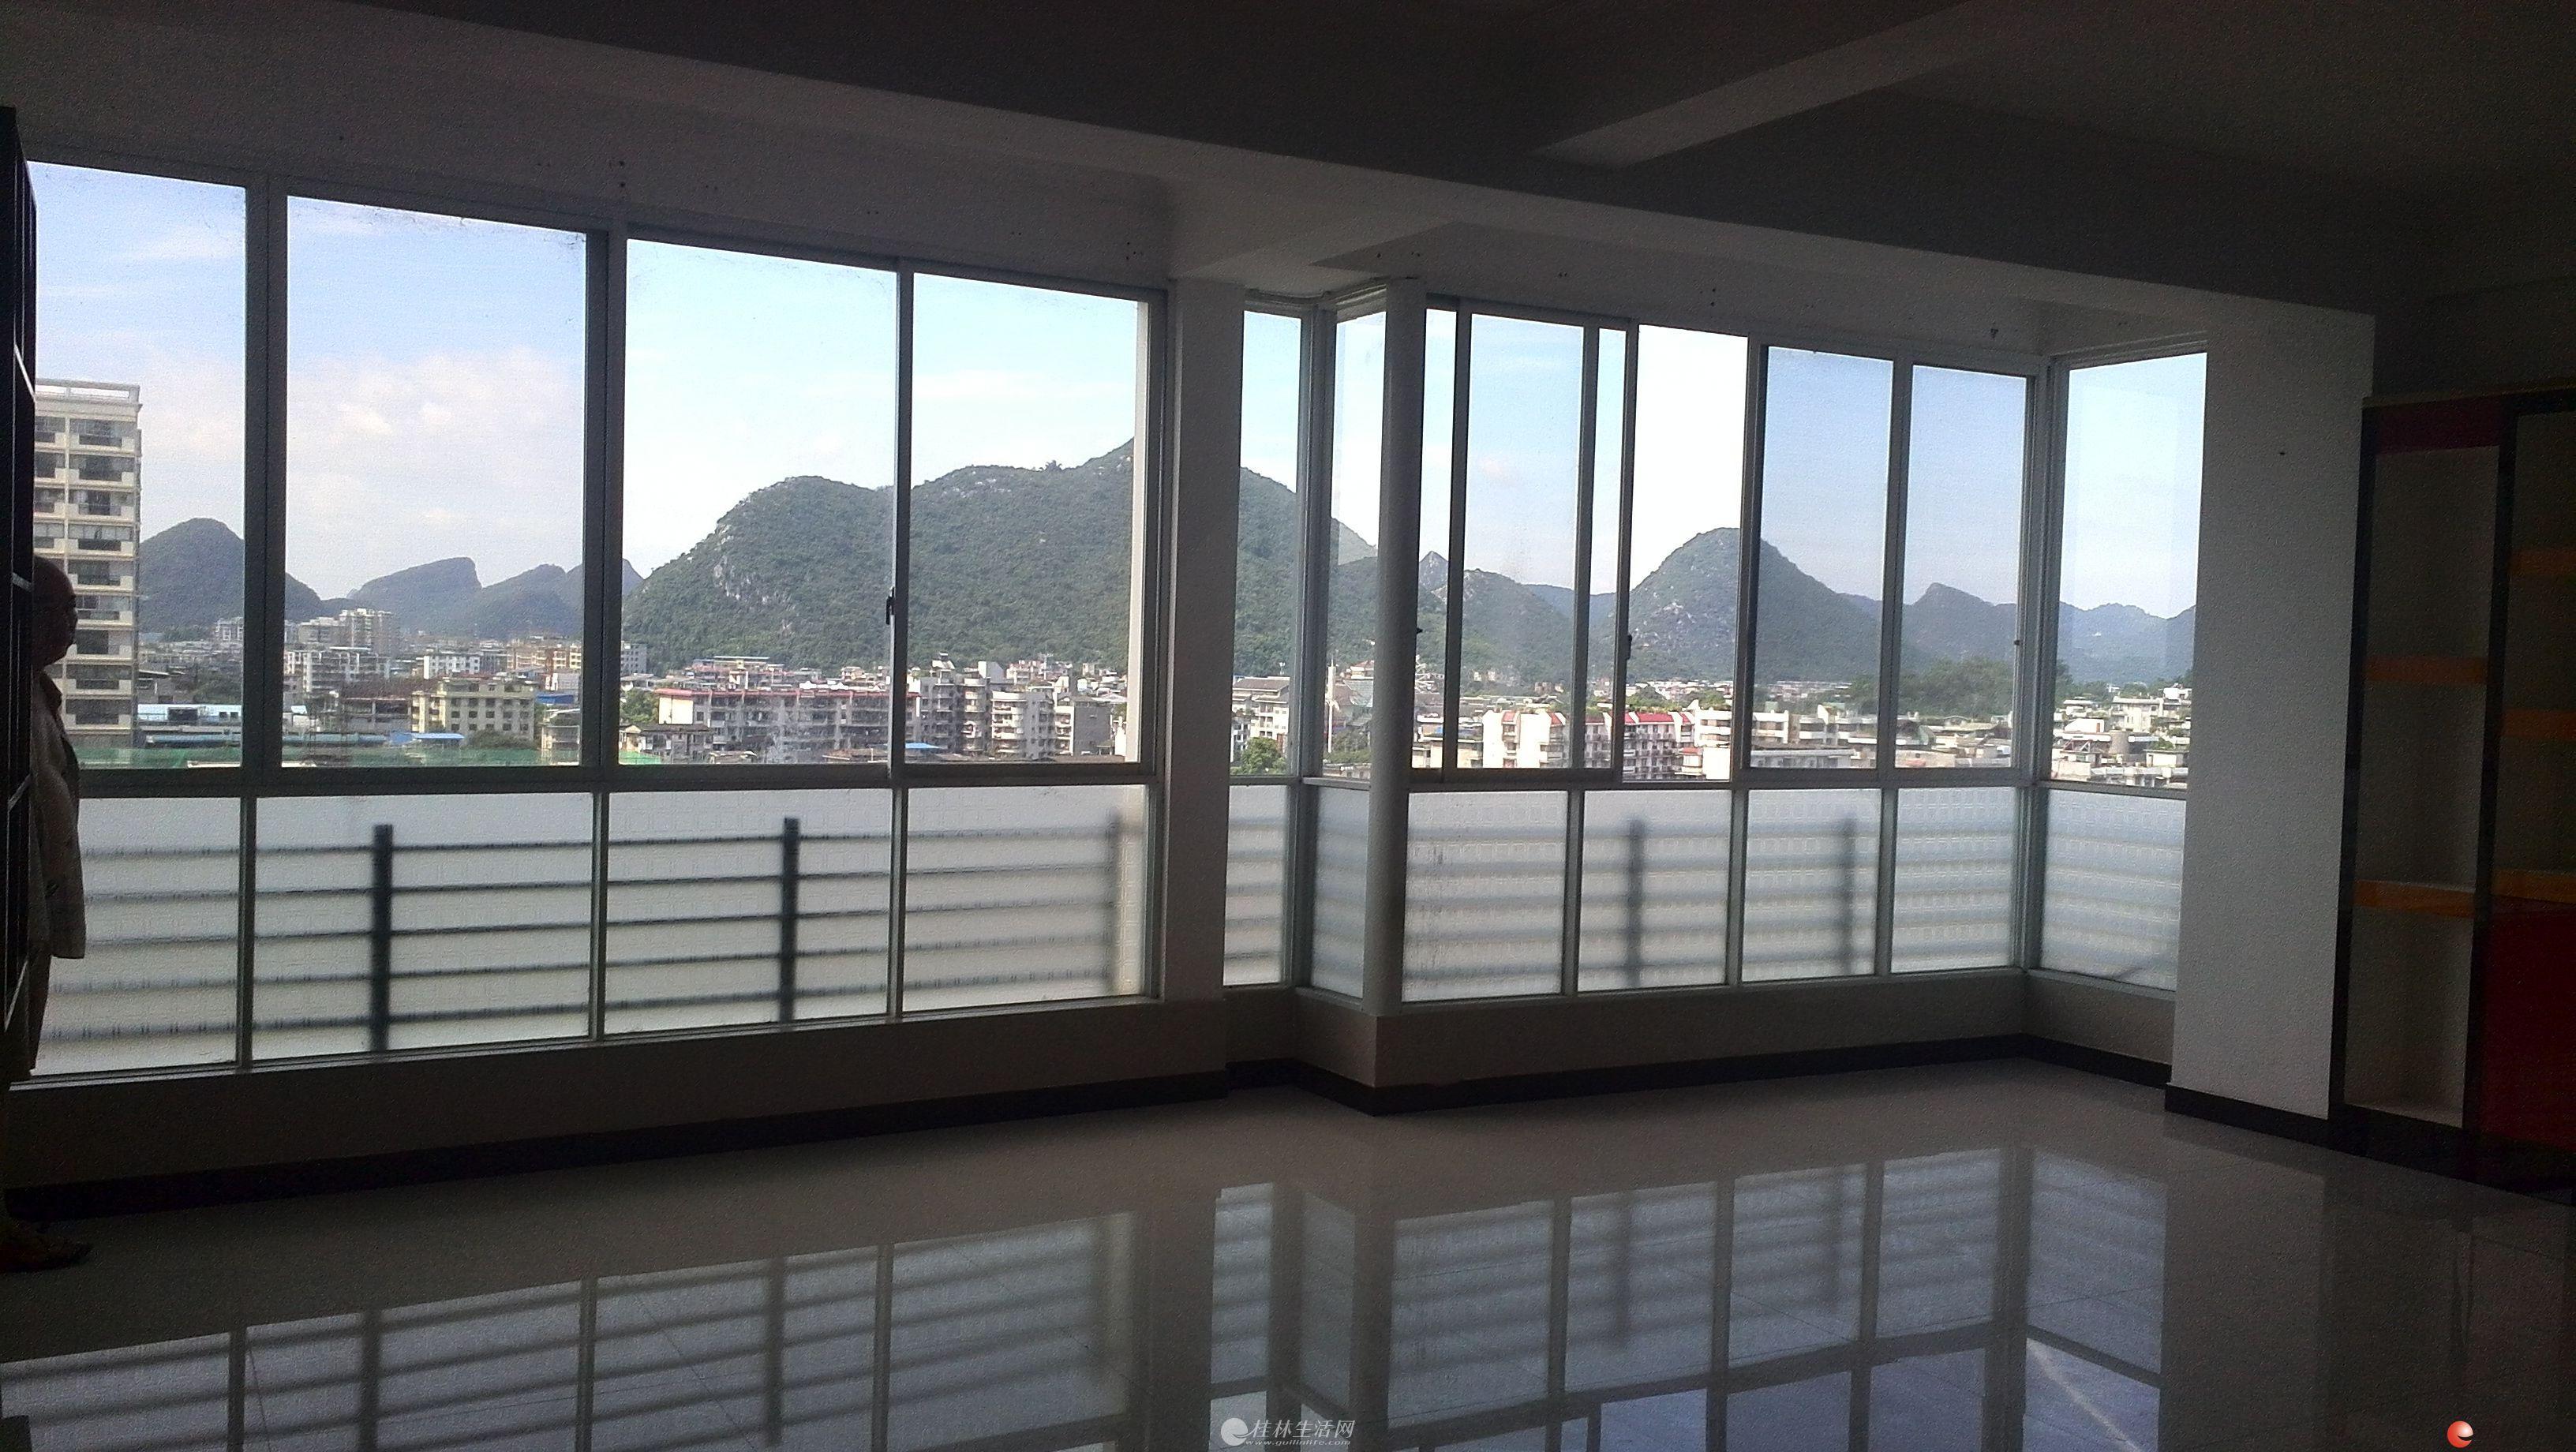 办公室出租 经贸大厦火车南站附近电梯9楼,1大厅1厨1卫厅可隔成房间共106平方3200元月